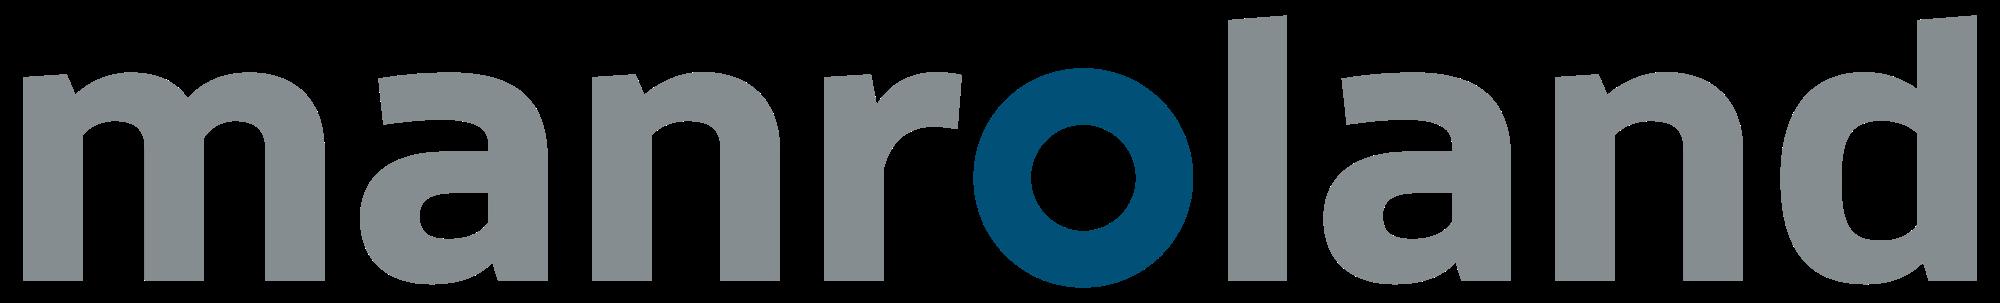 Manroland_Logo_svg